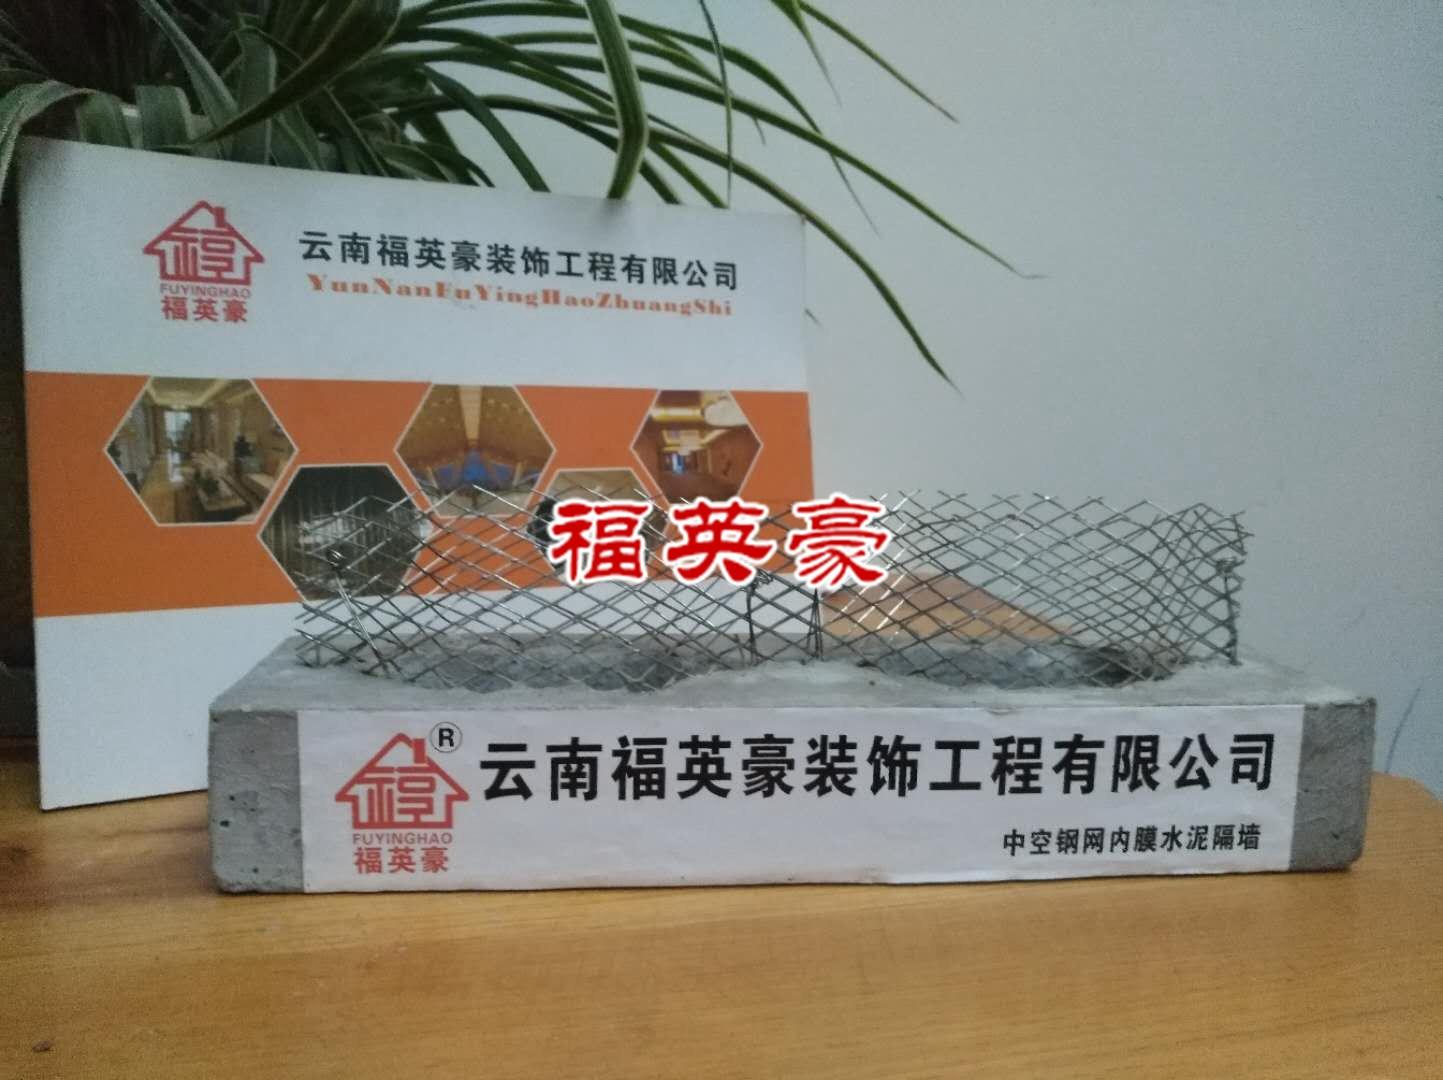 中空鋼網隔墻公司的中空鋼網內膜水泥隔墻